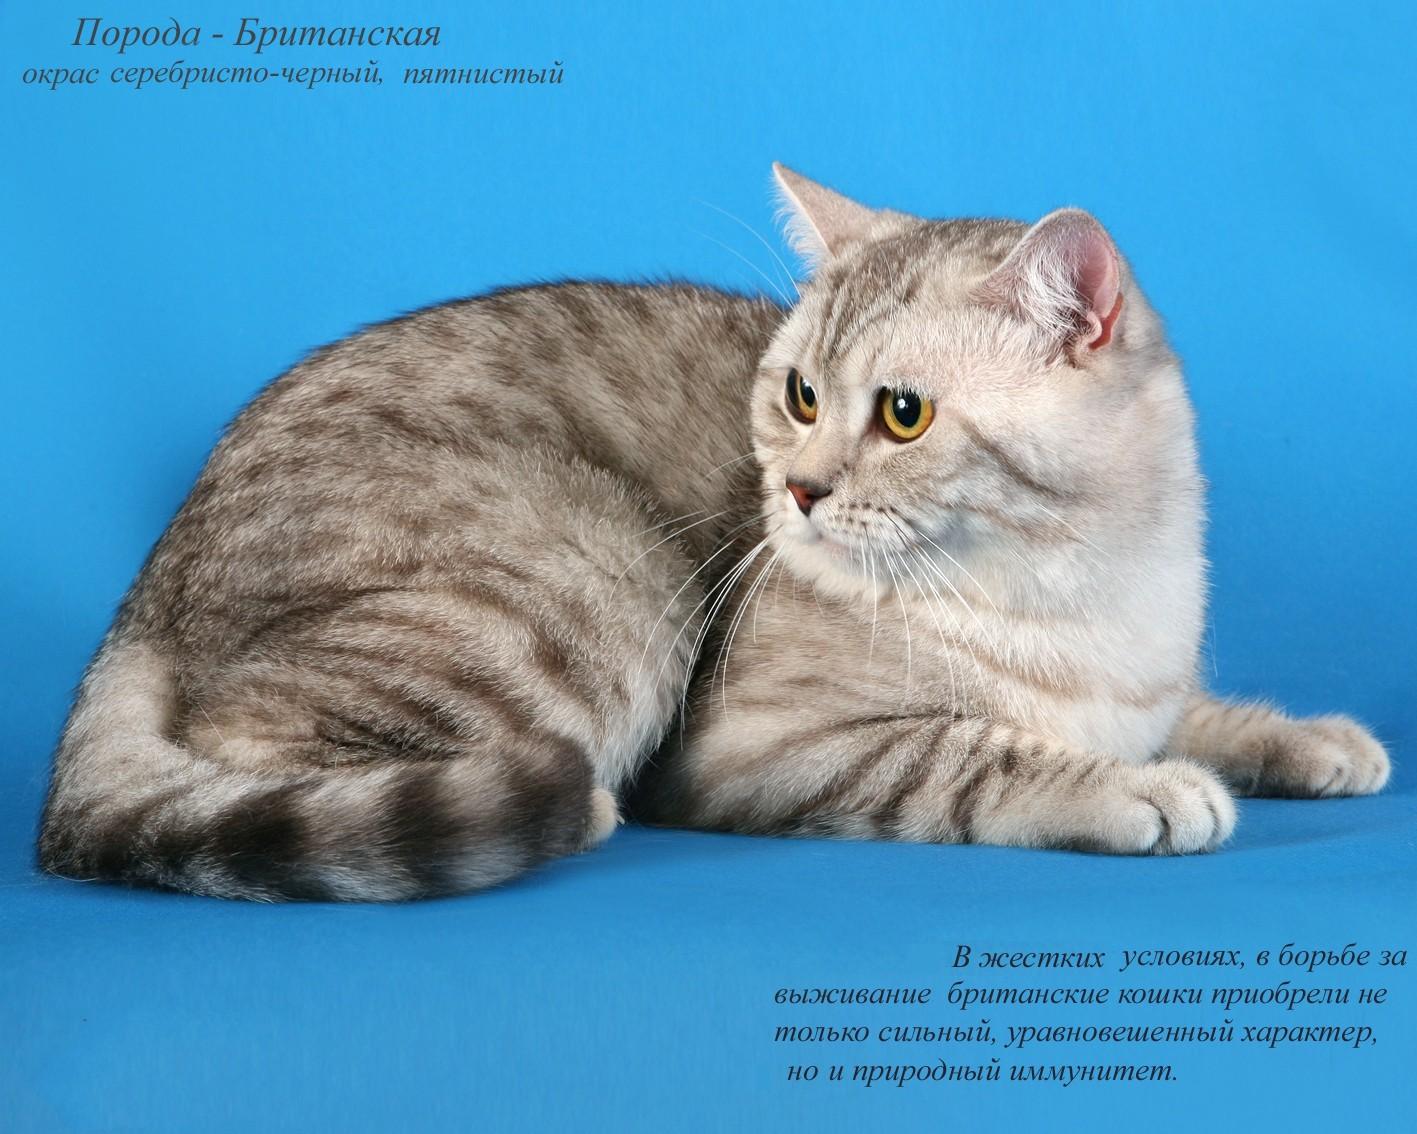 Картинки котов с надписью породы